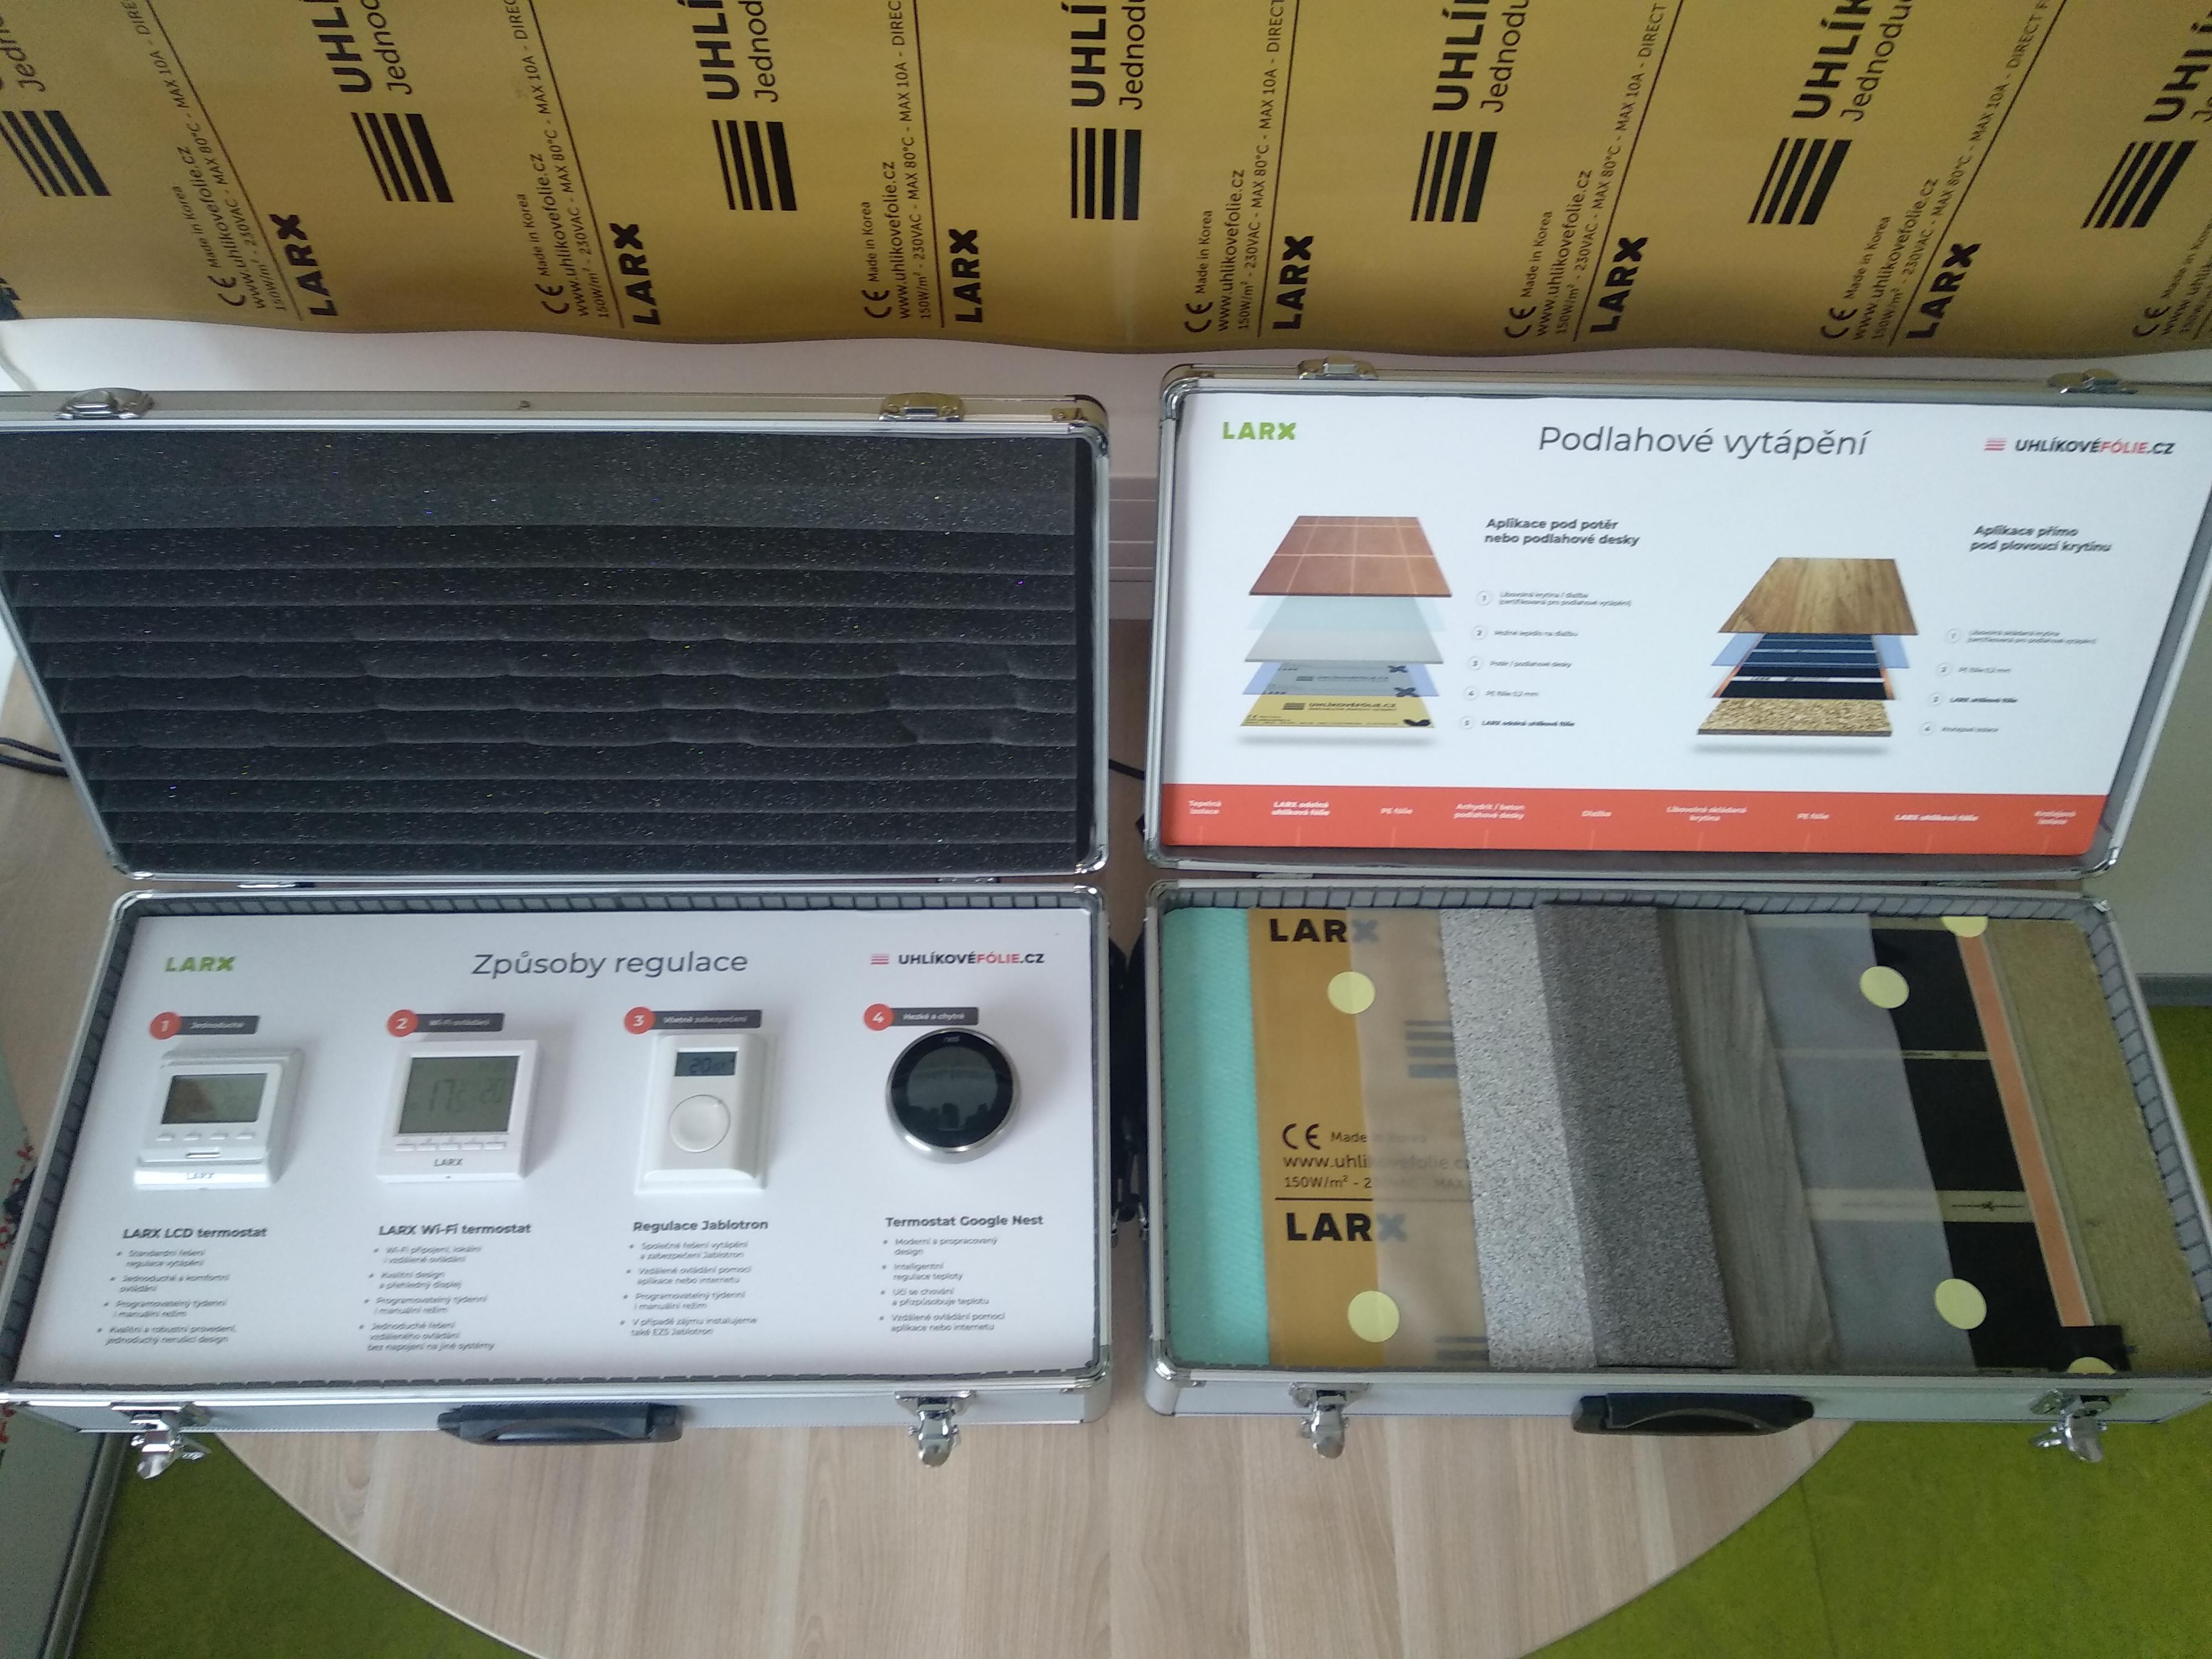 LARX Uhlíkové fólie - demokufry